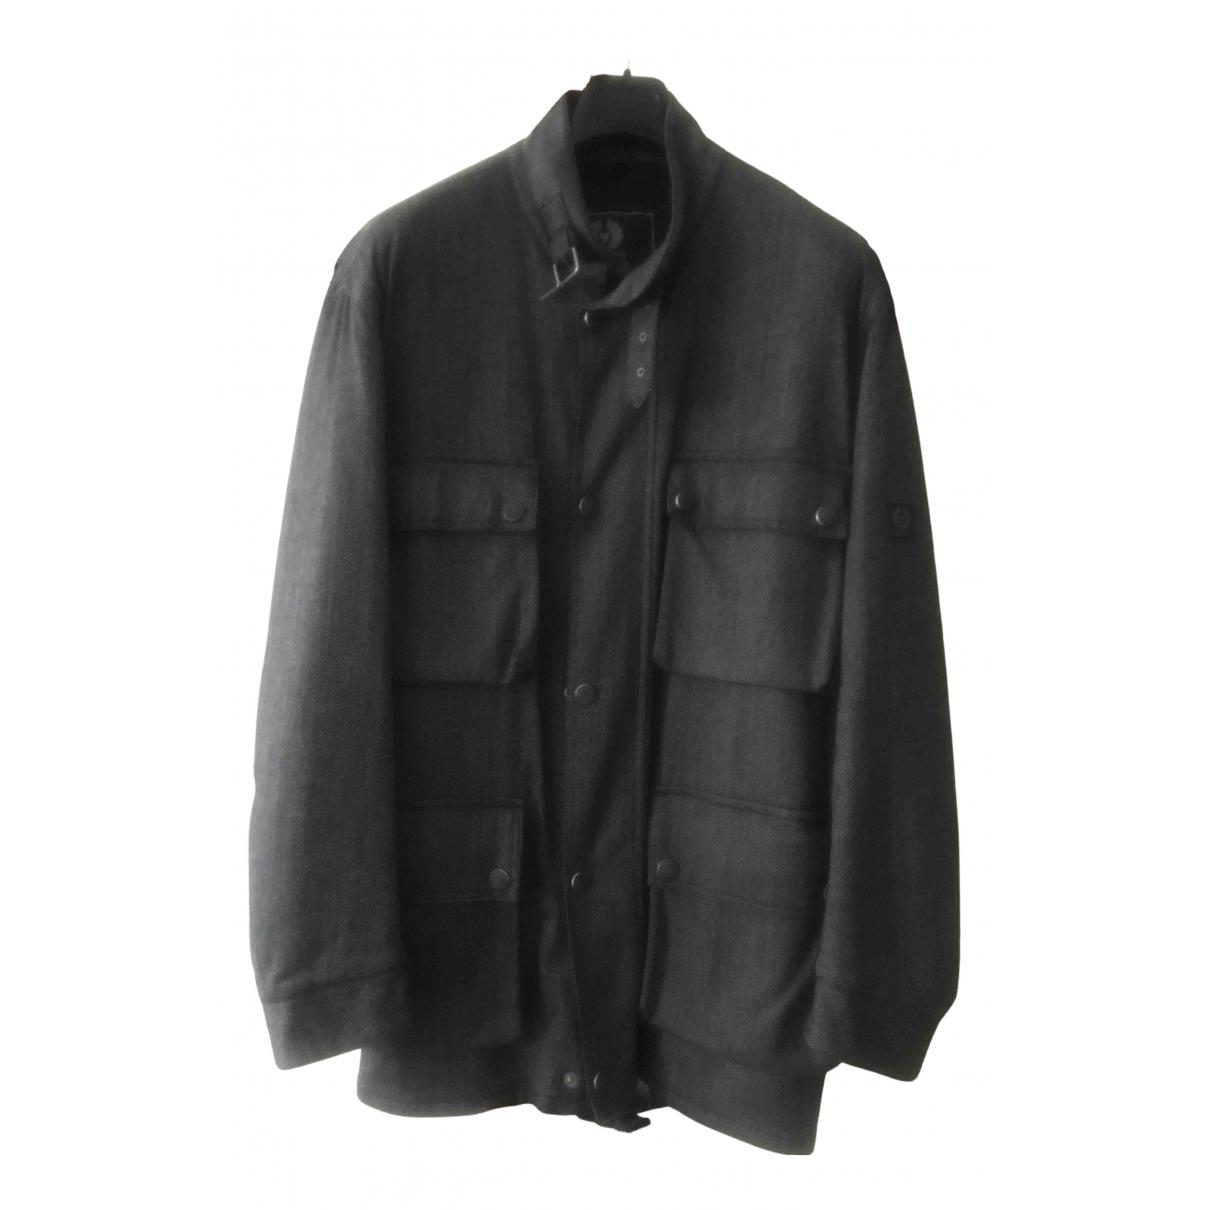 Belstaff - Manteau   pour homme en laine - anthracite